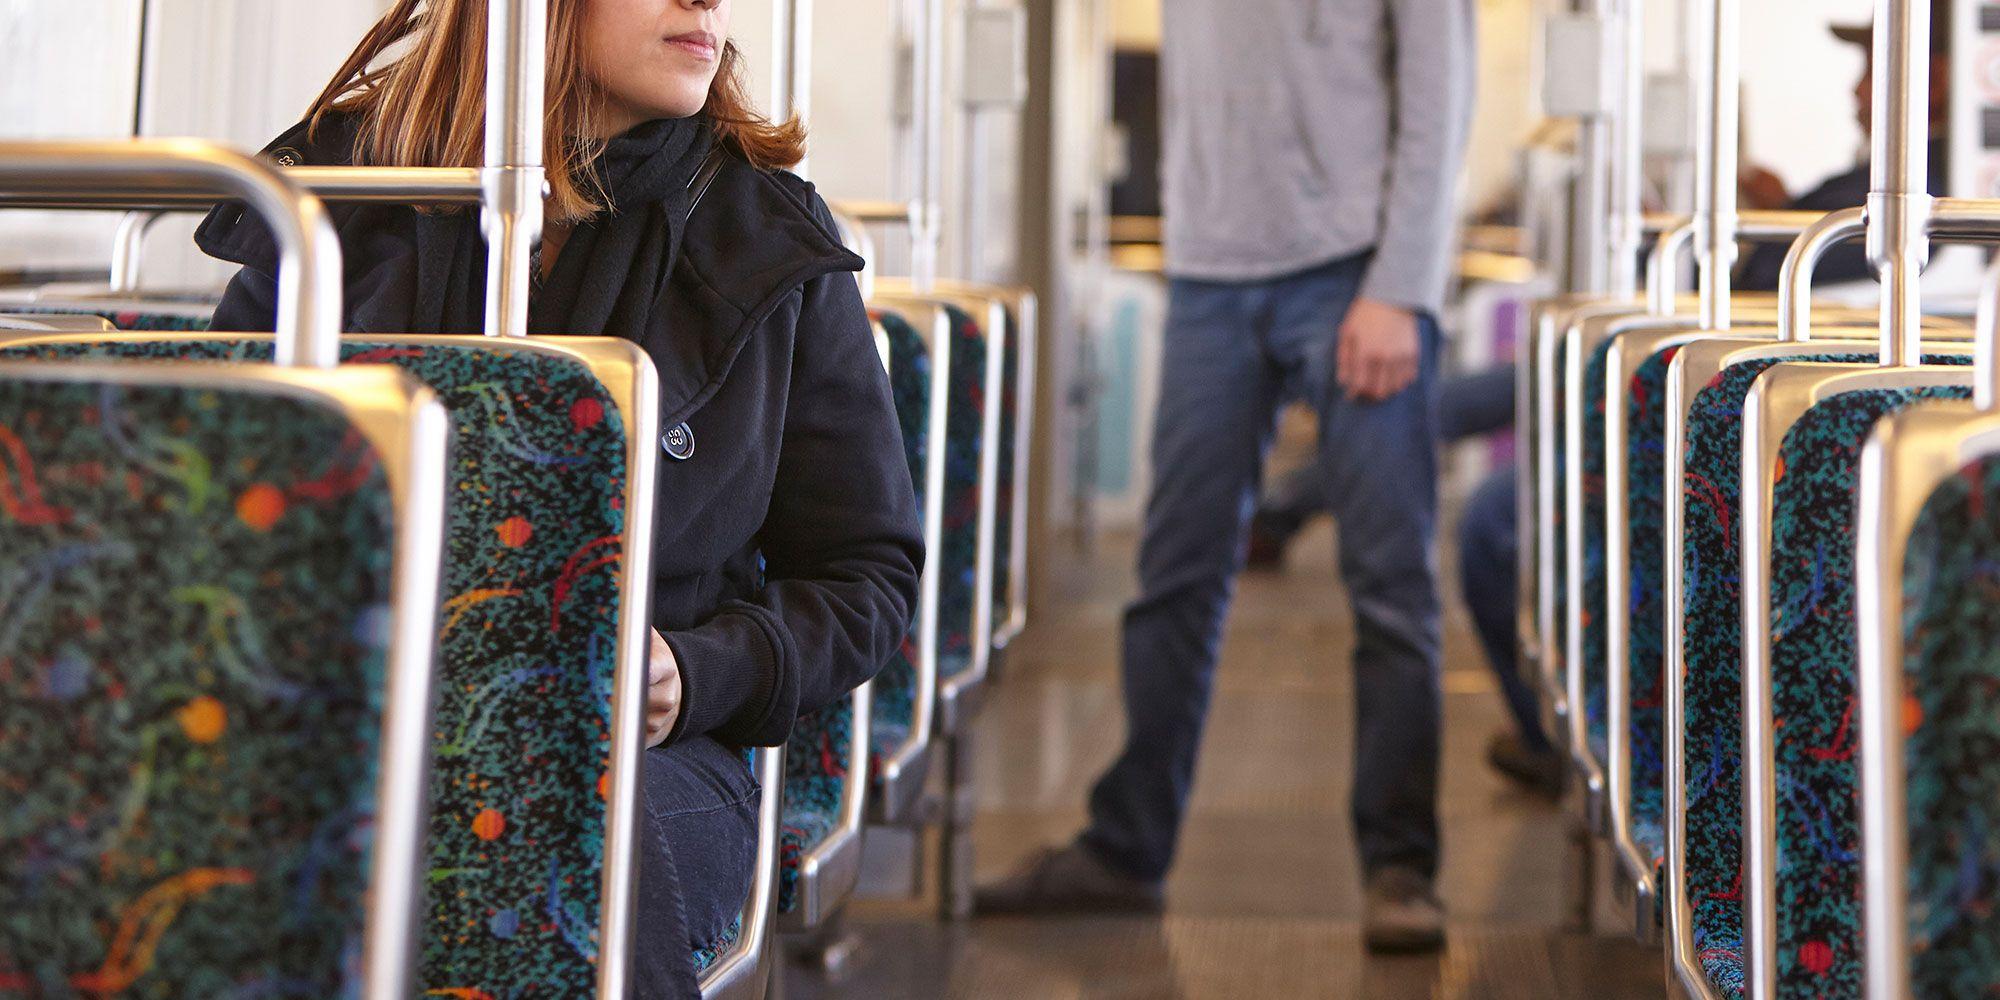 woman, train, man, commute,